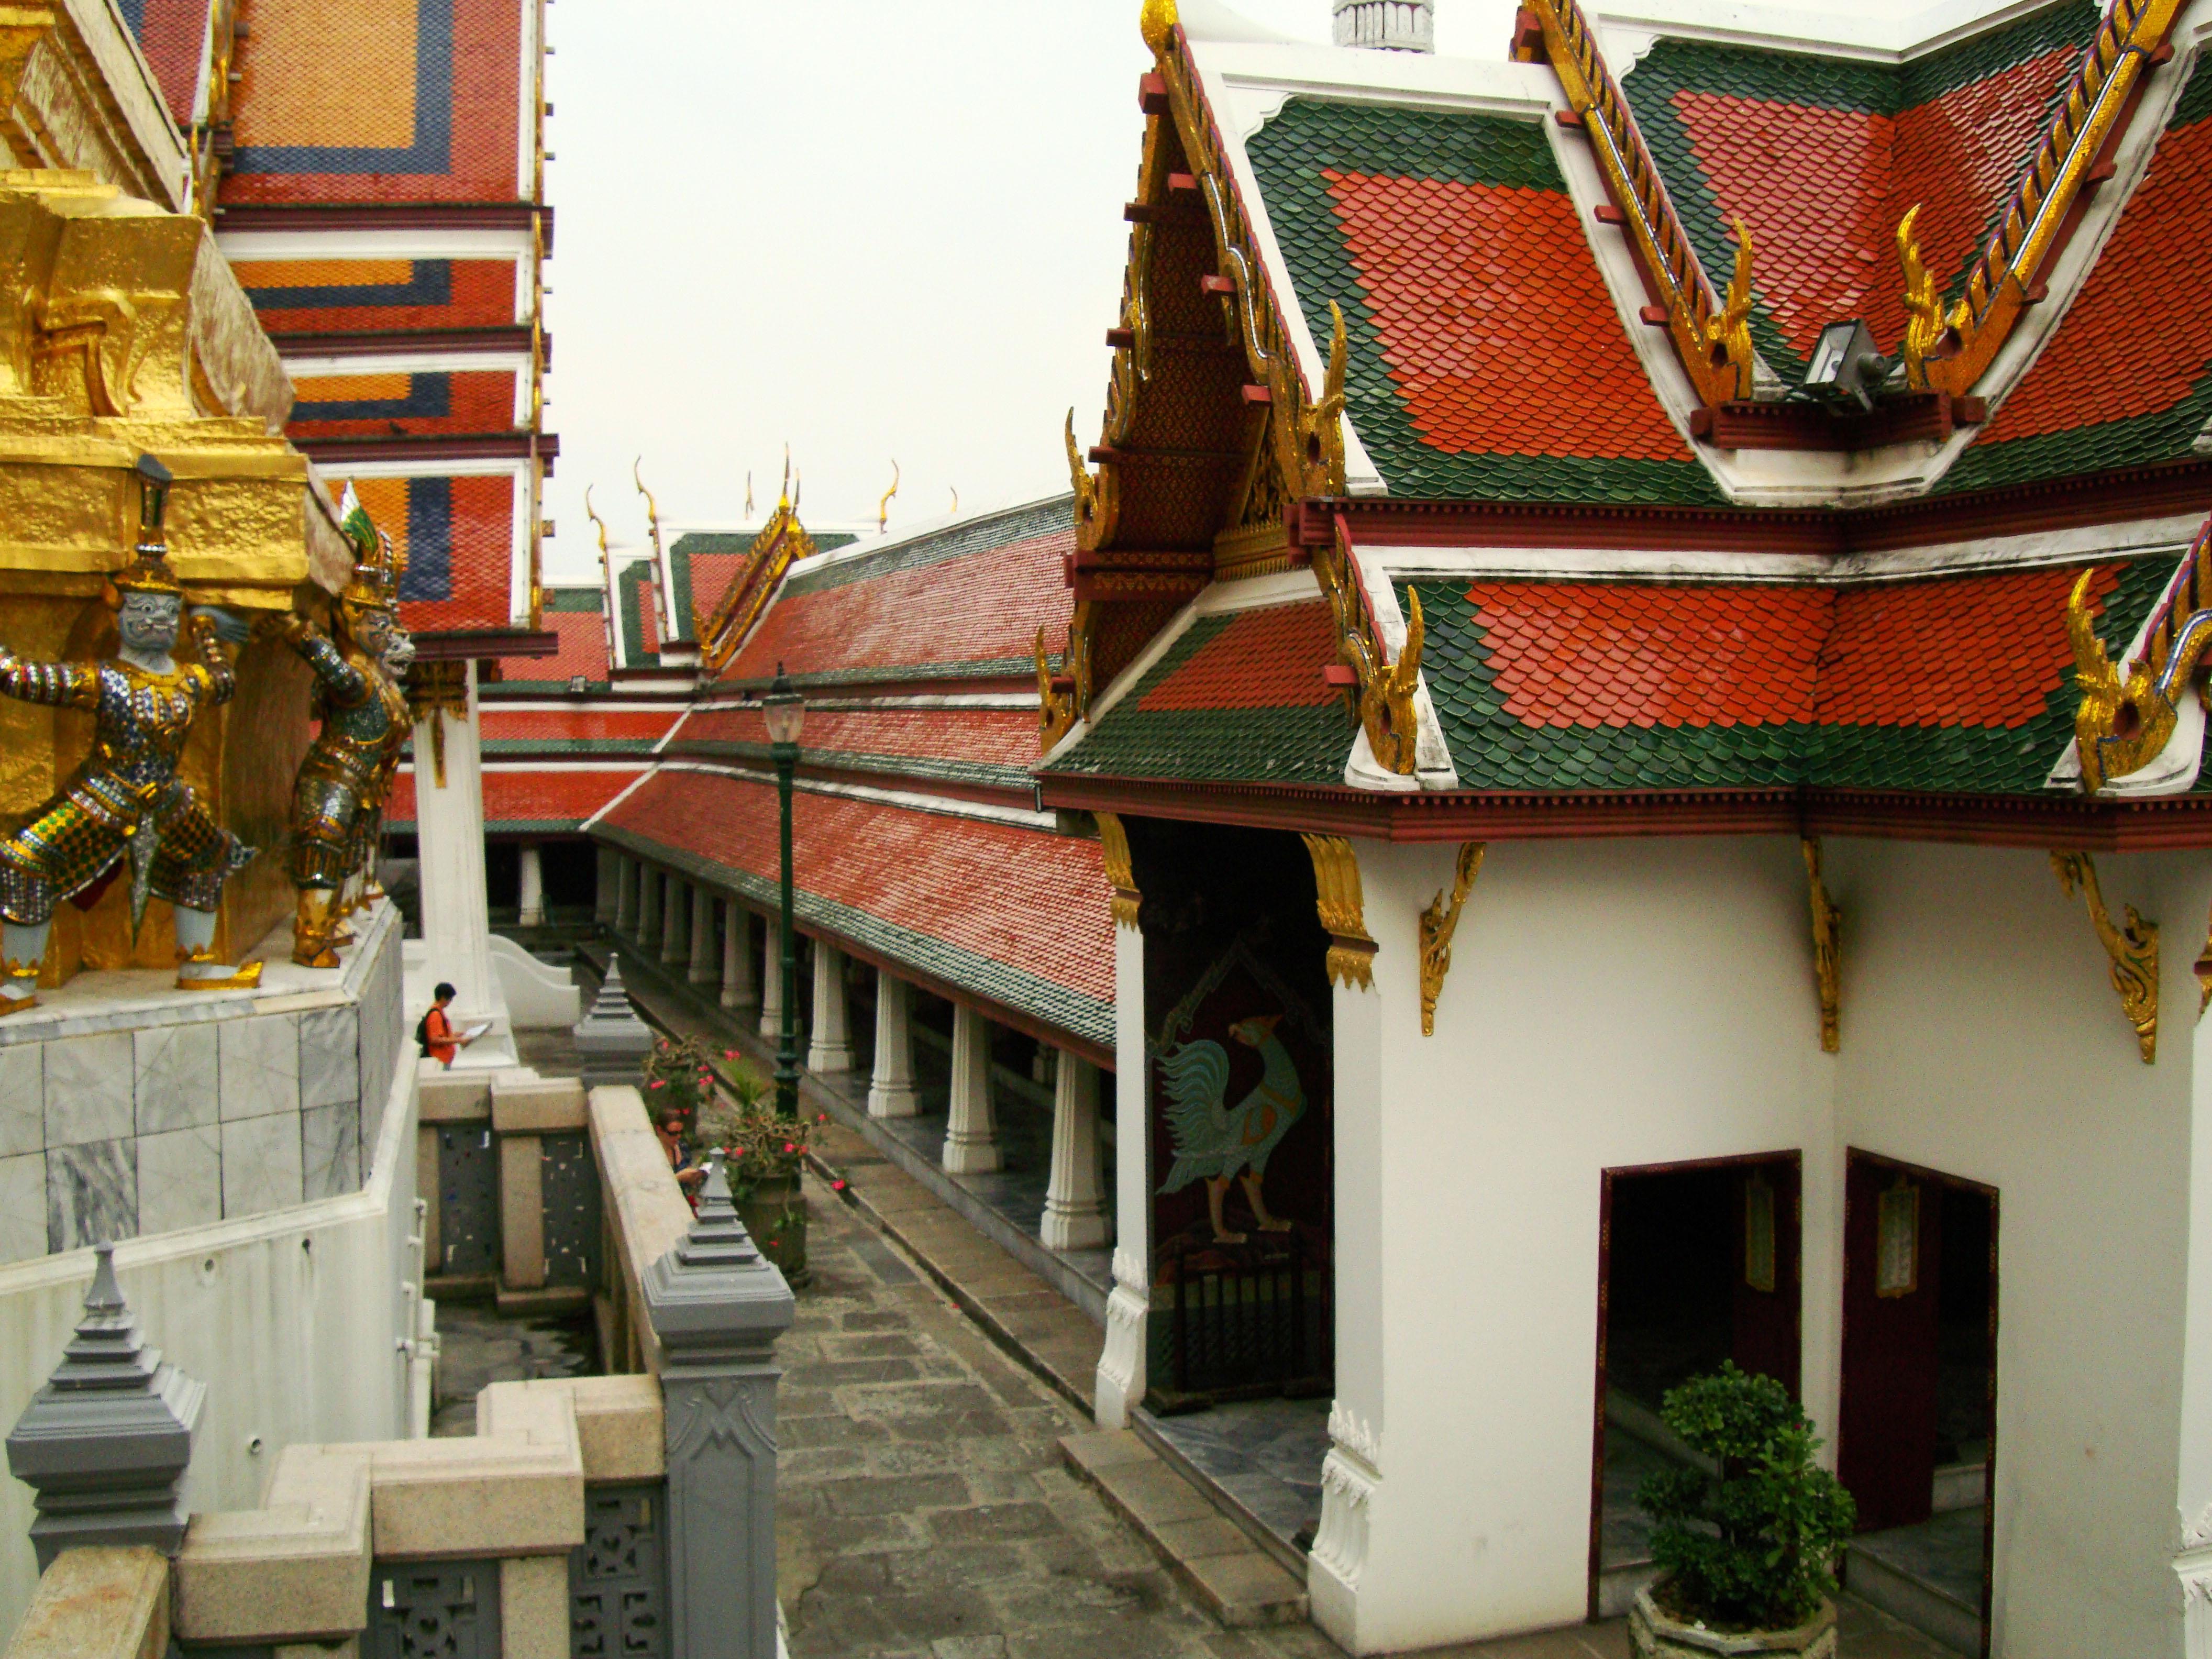 Grand Palace Phra Borom Maha Ratcha Wang Bangkok Thailand 34